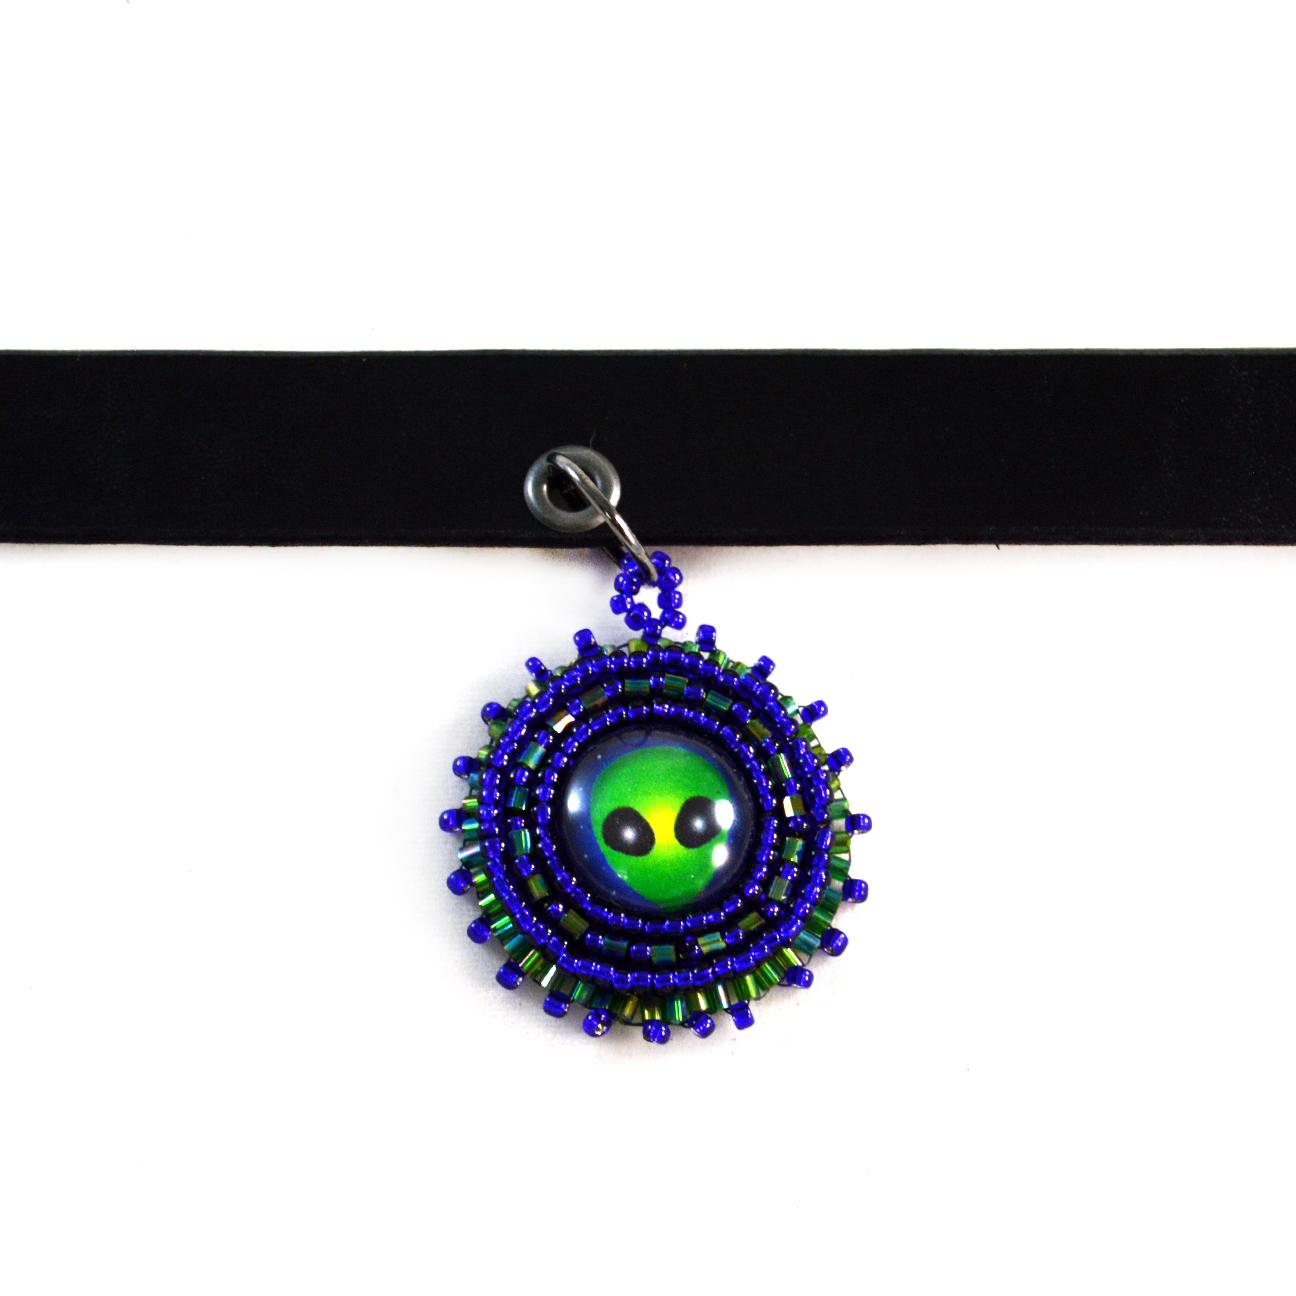 alien-choker-necklace